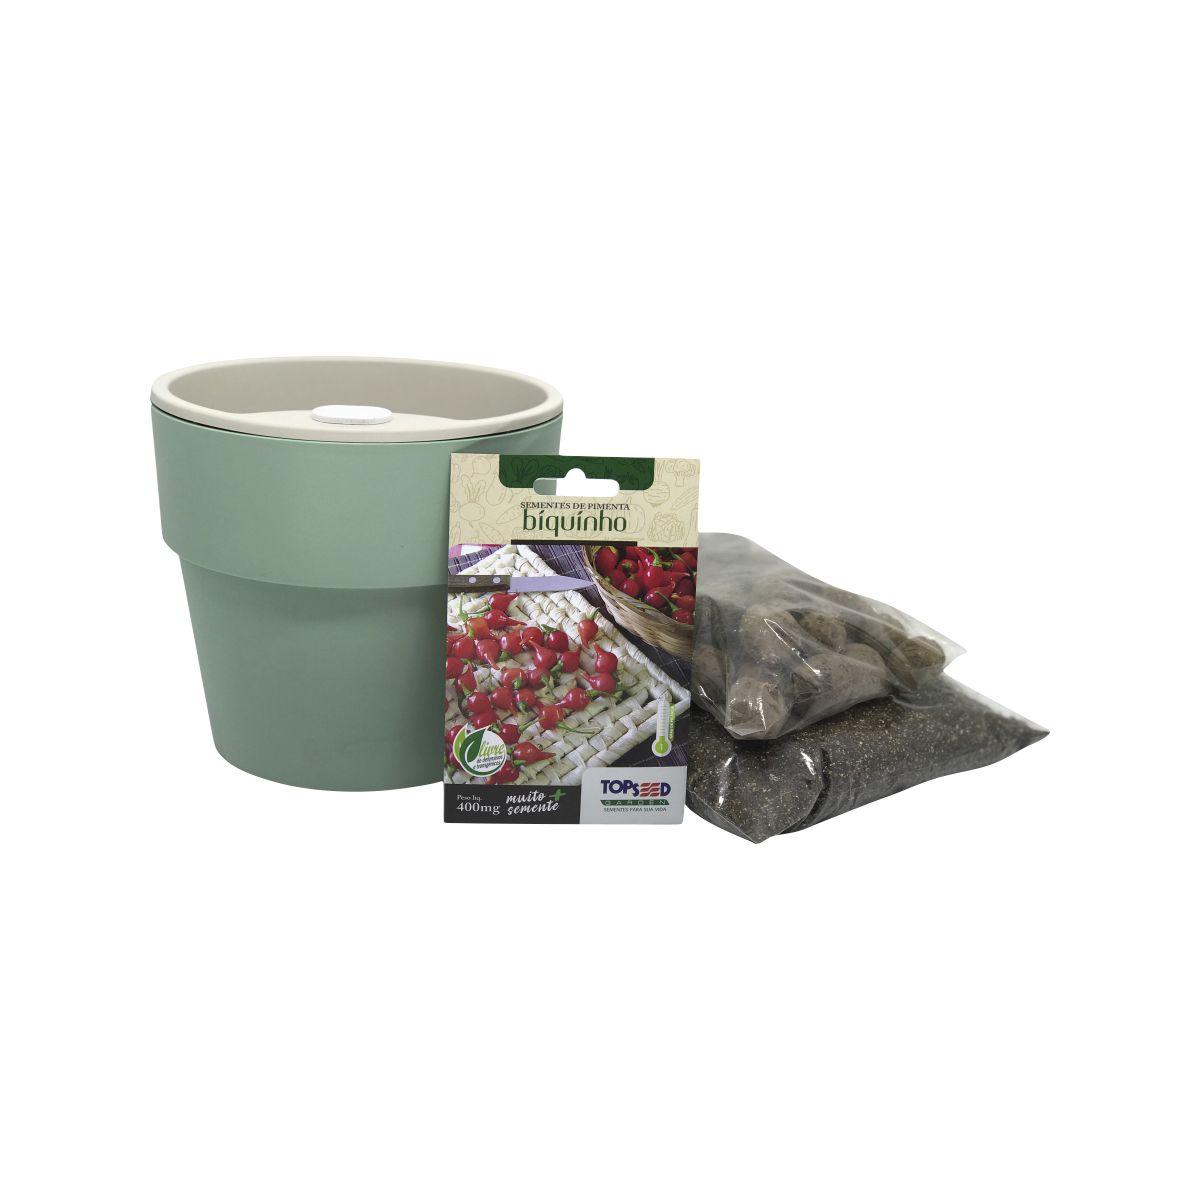 Kit completo Meu Primeiro Plantio de Pimenta Biquinho com Vaso Autoirrigável Verde Menta Linha Plantar